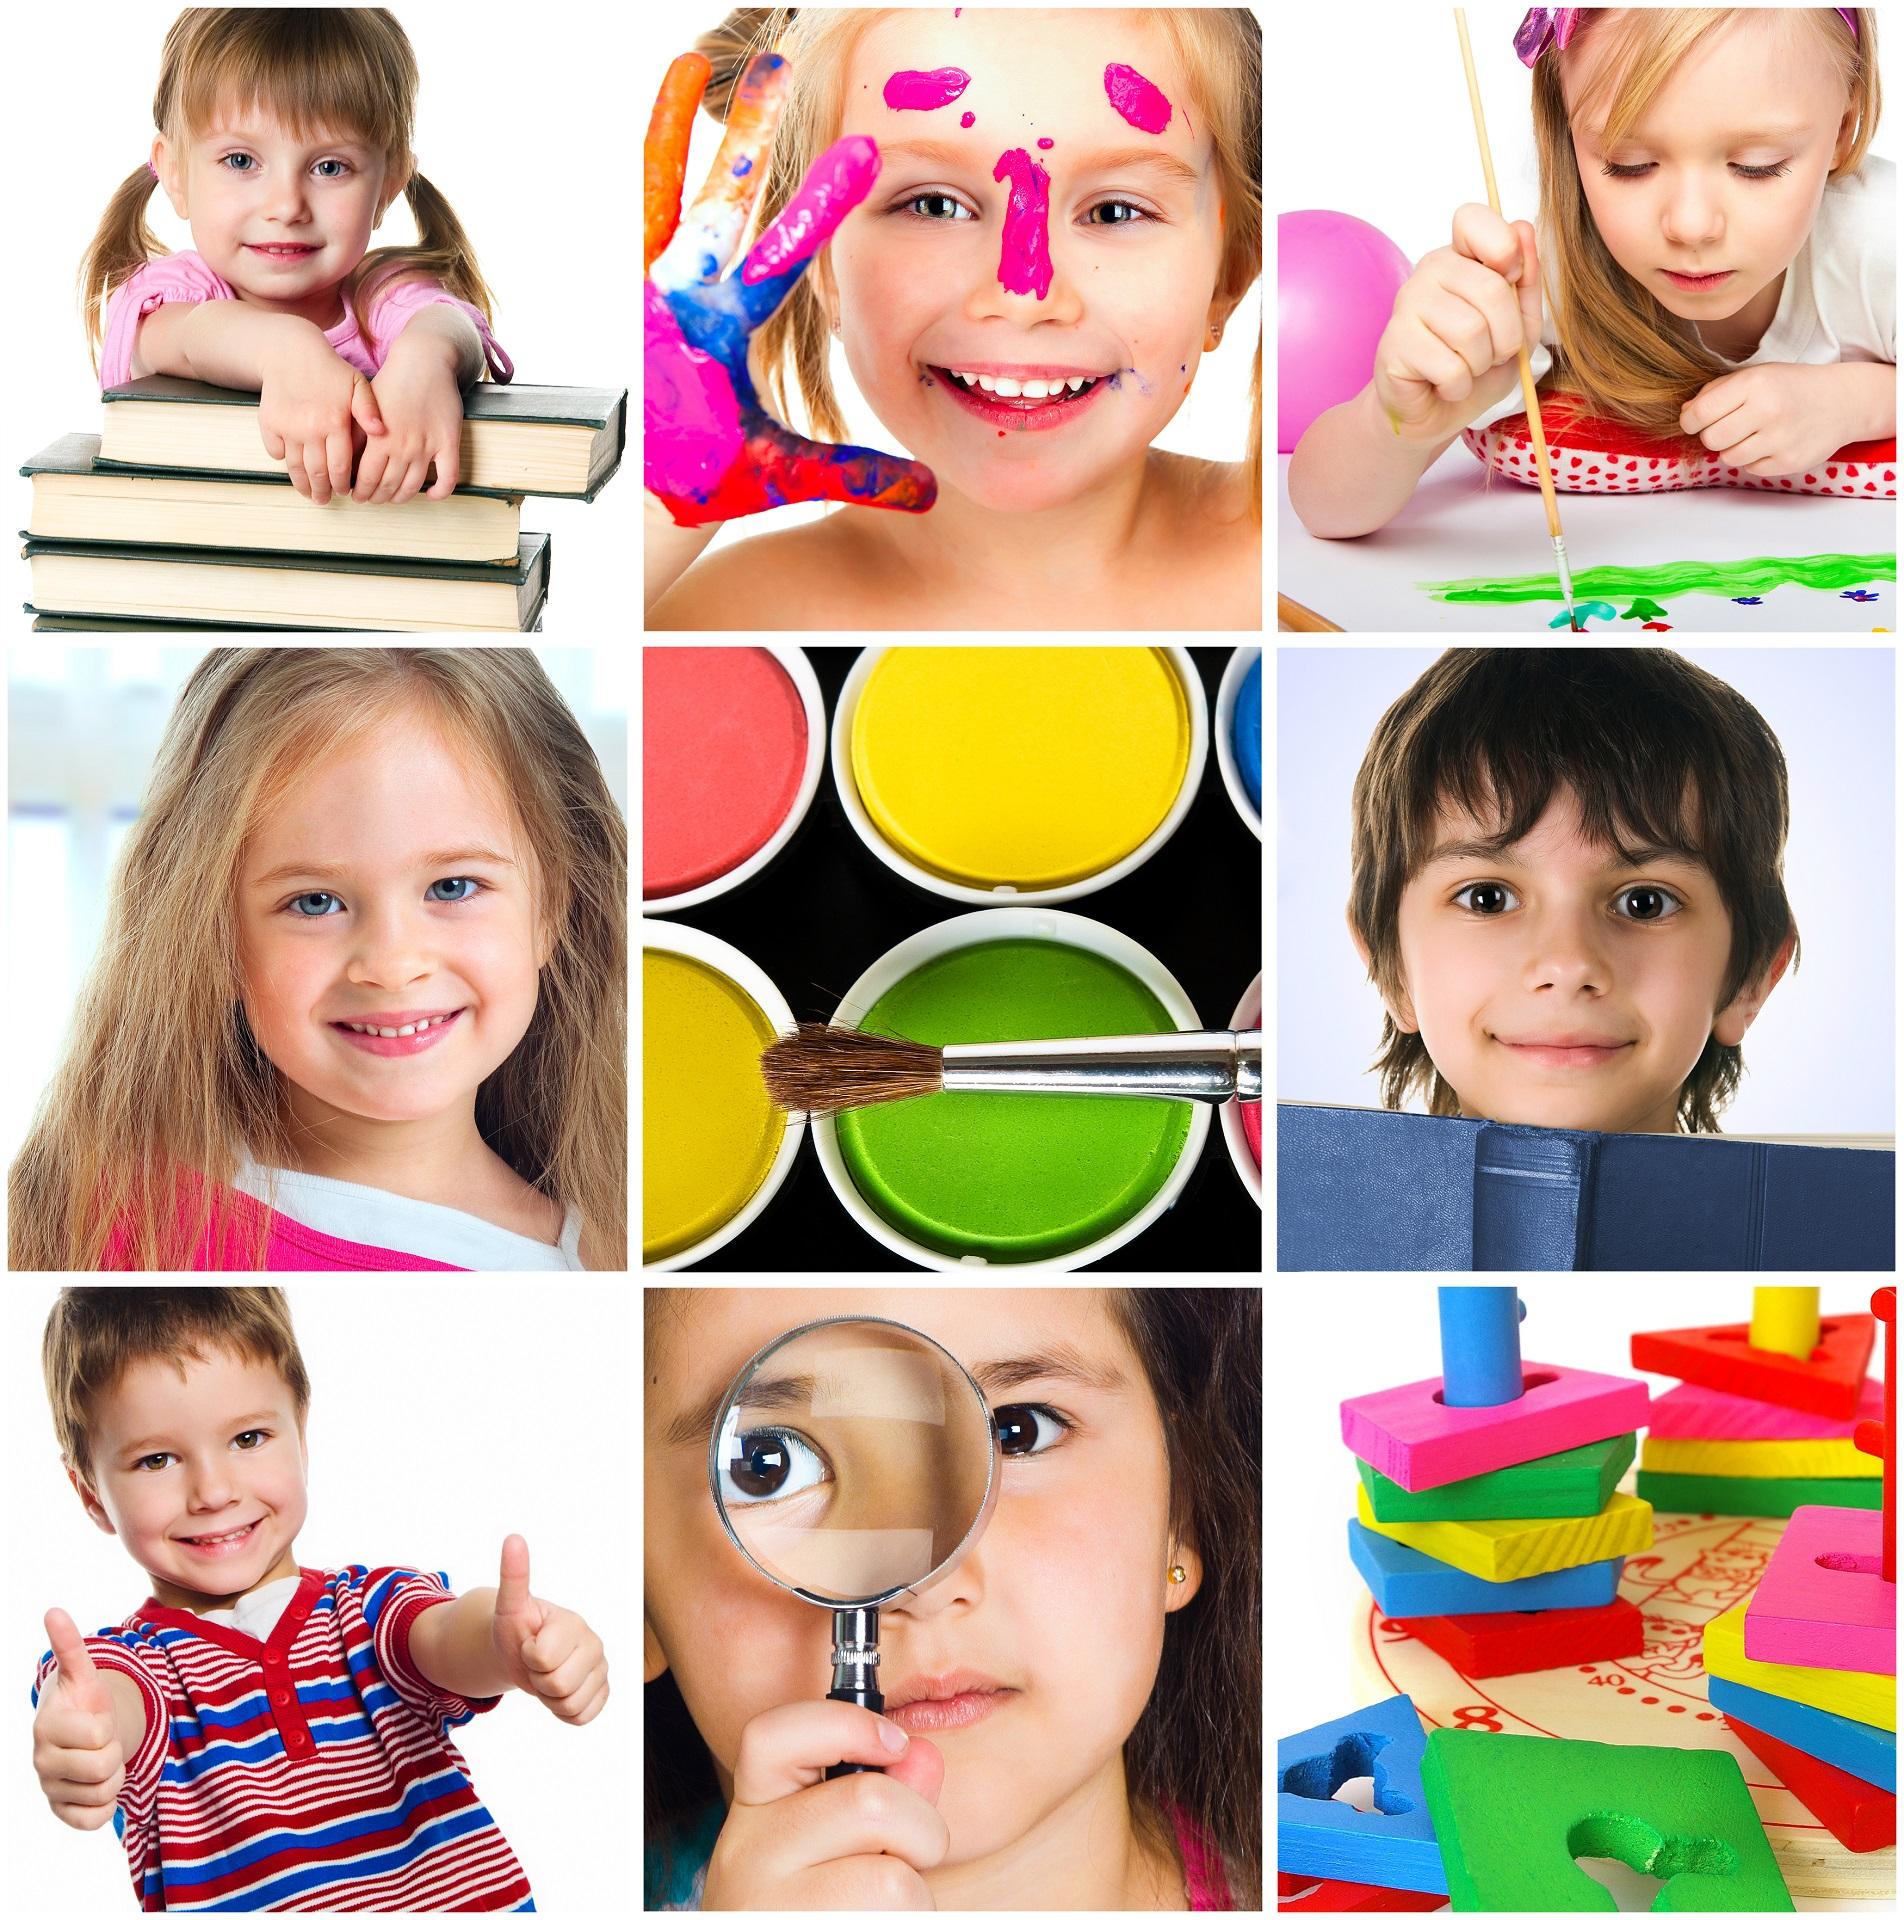 Как правильно воспитывать с рождения, Воспитание детей до 5 лет, Как же правильно разговаривать с детьми от 3 до 5 лет, Особенности воспитания мальчиков,